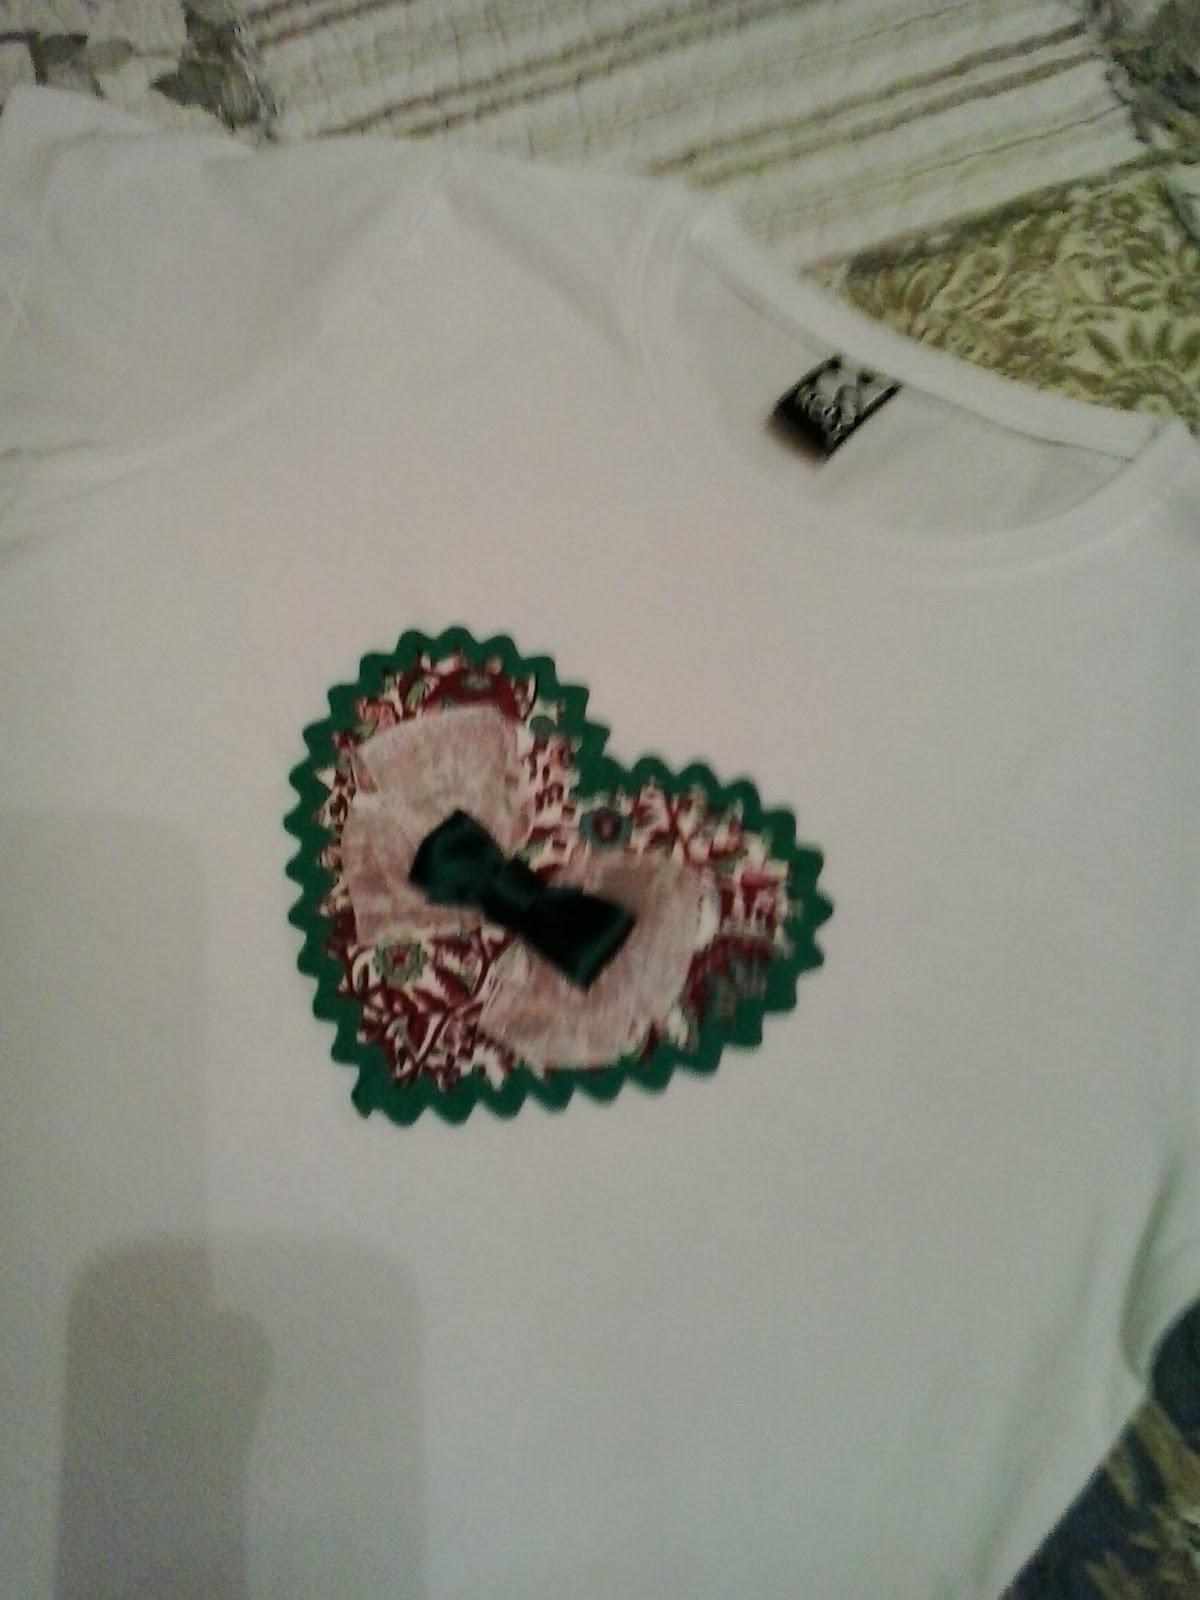 camiseta de mujer con aplicación de corazon estampado y tripa de pollo verde